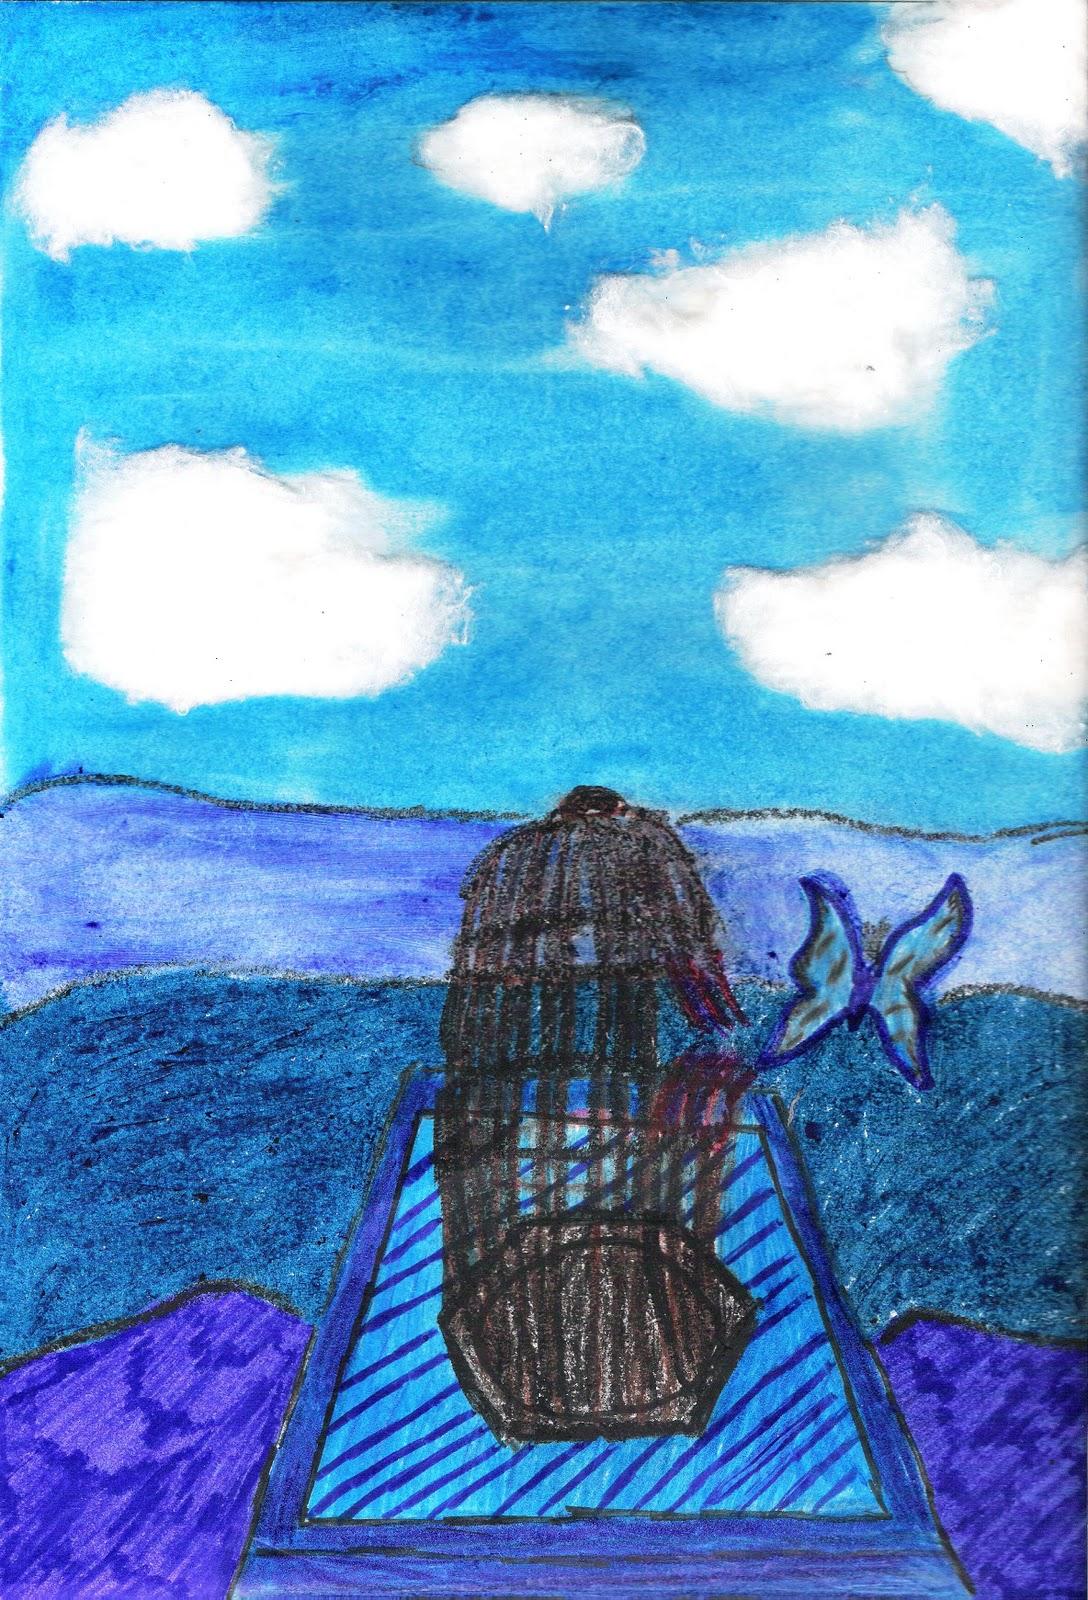 Epv colegio san jos dominicas expresividad del azul for Encerrado en 4 paredes